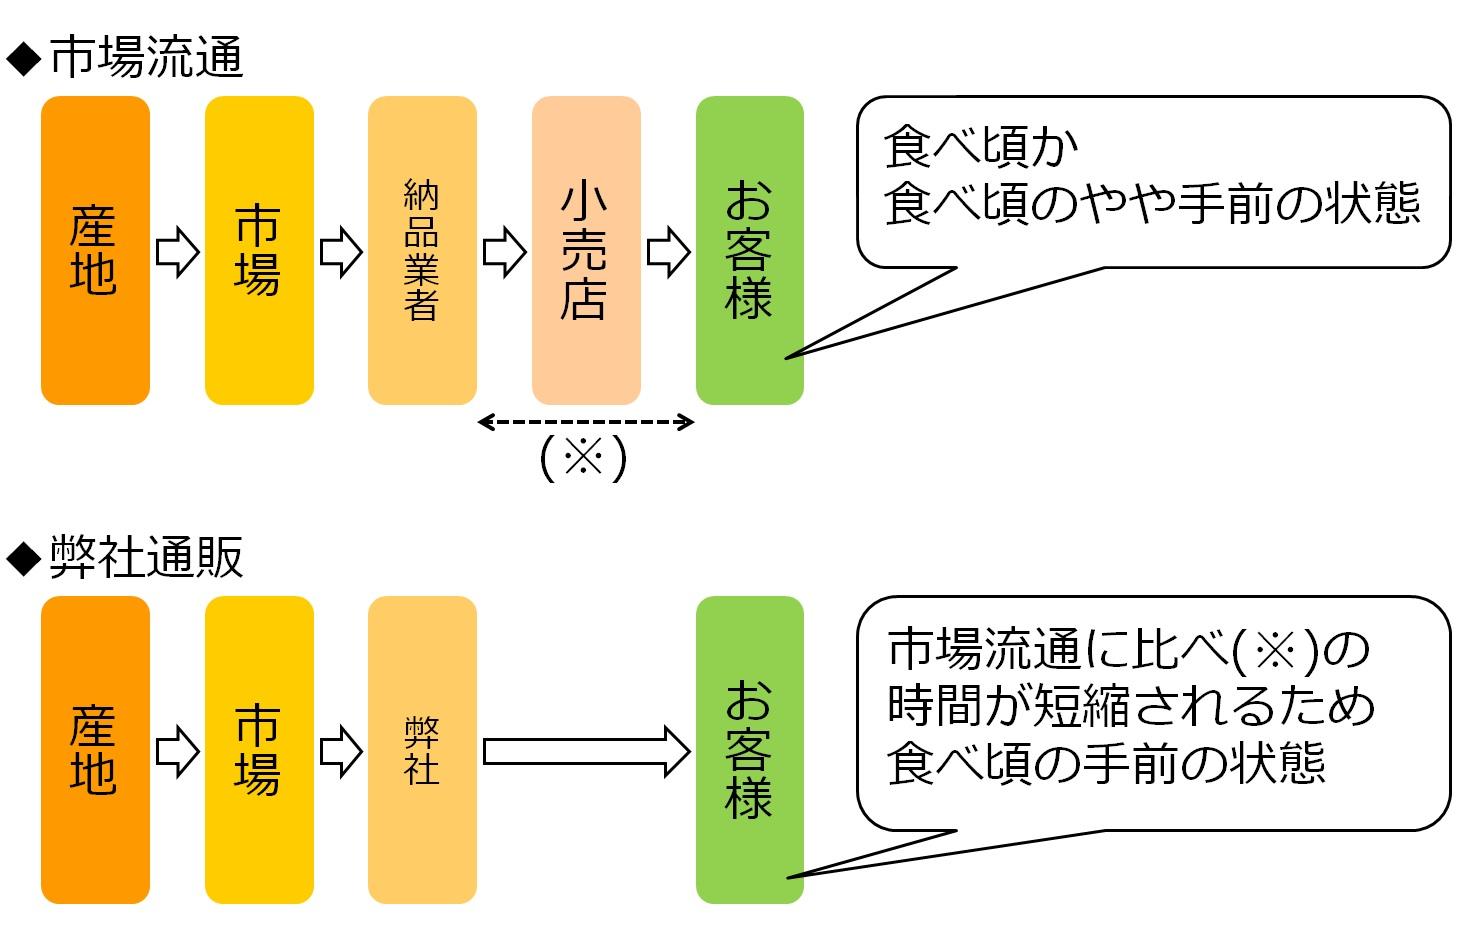 桃の流通経路